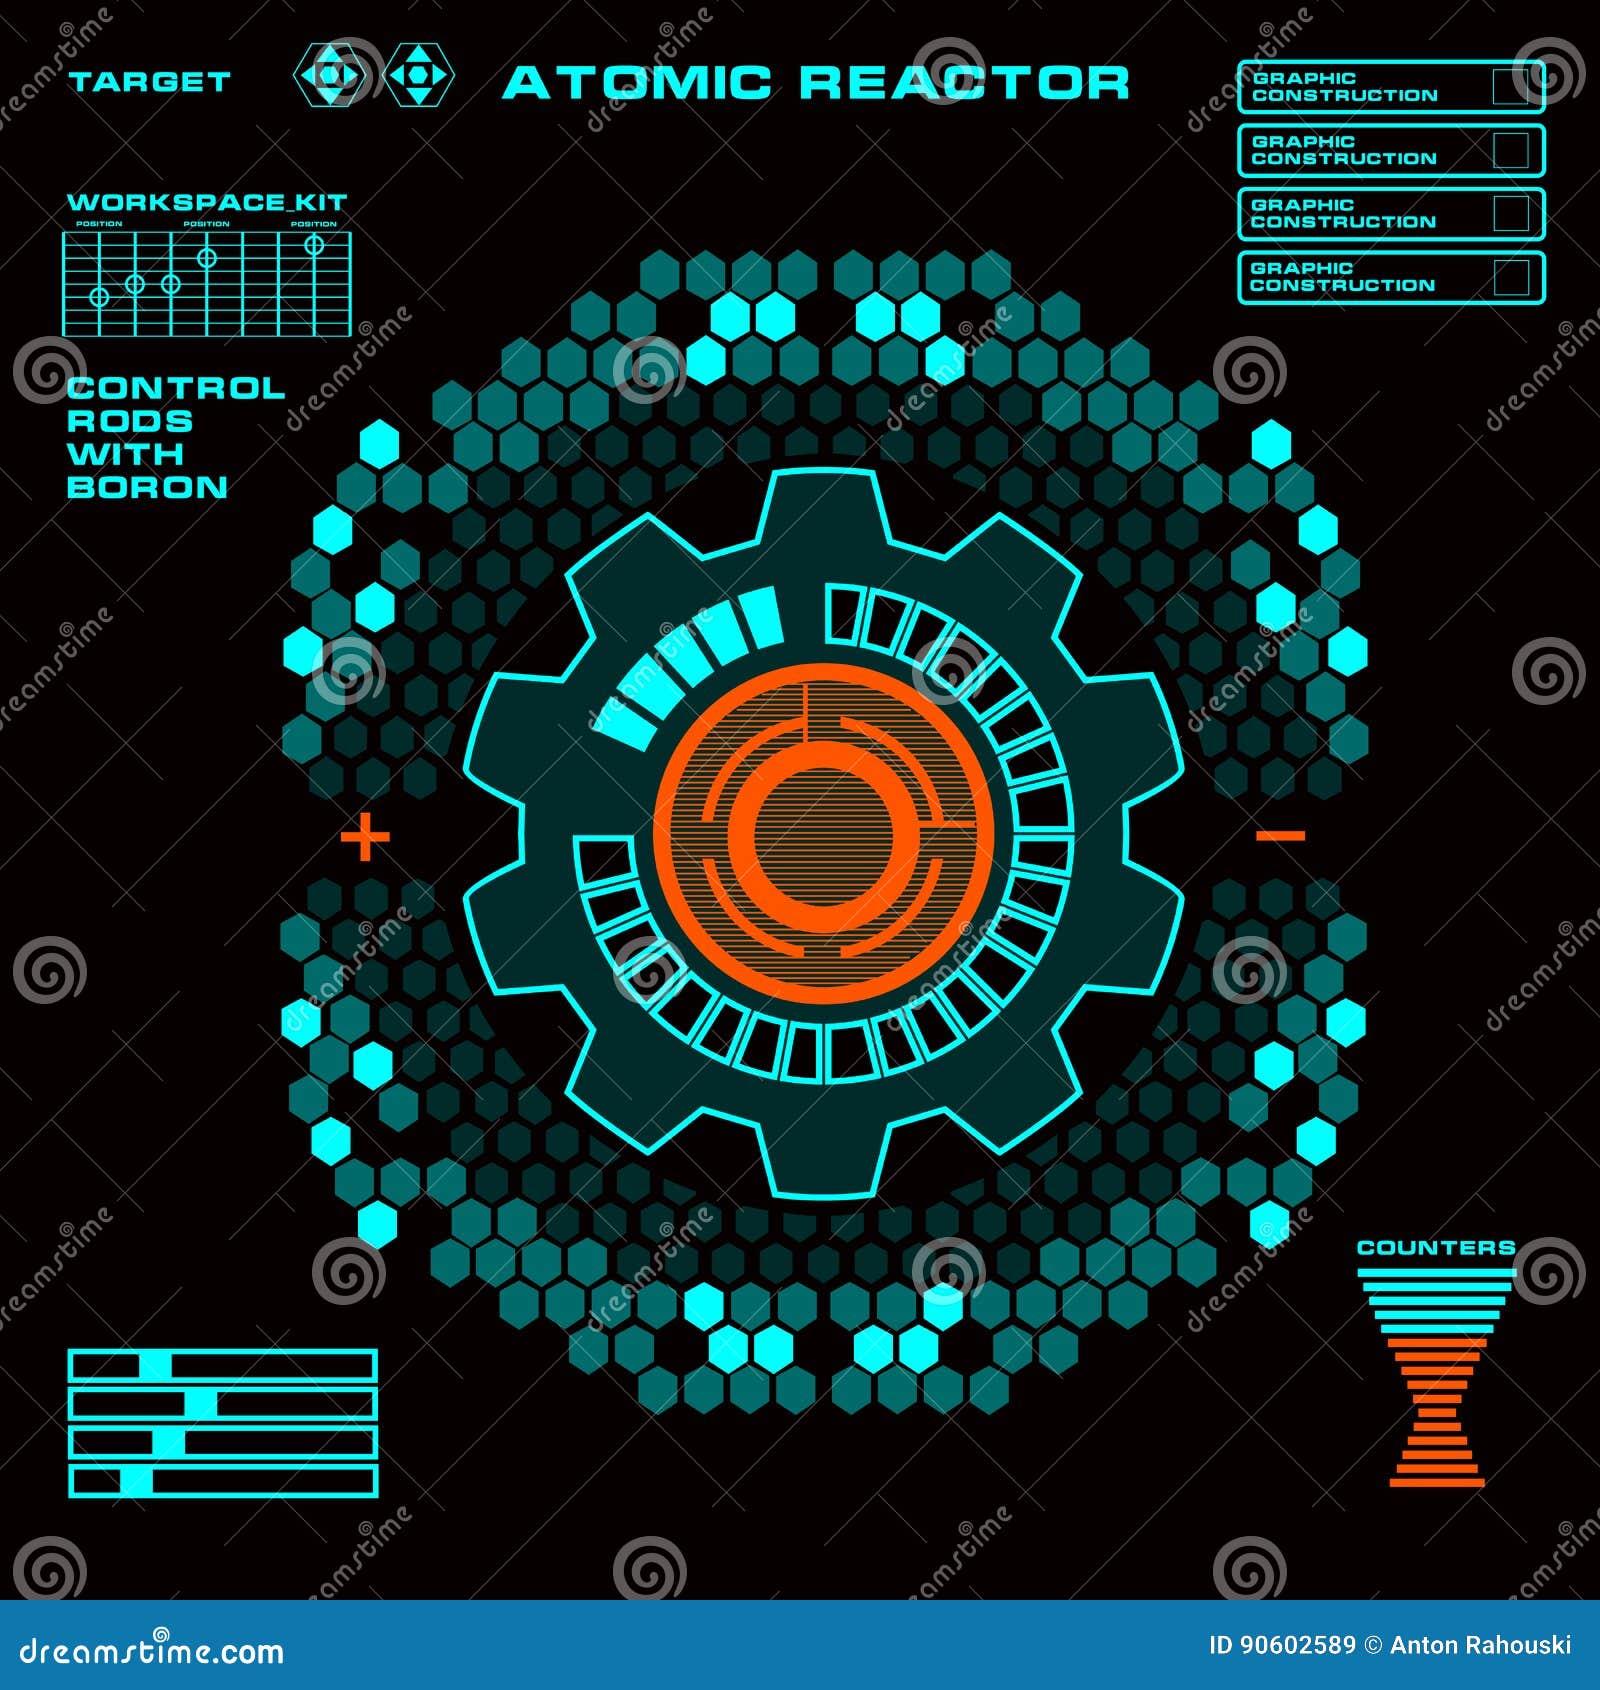 Пользовательский интерфейс касания ядерного реактора футуристический виртуальный графический